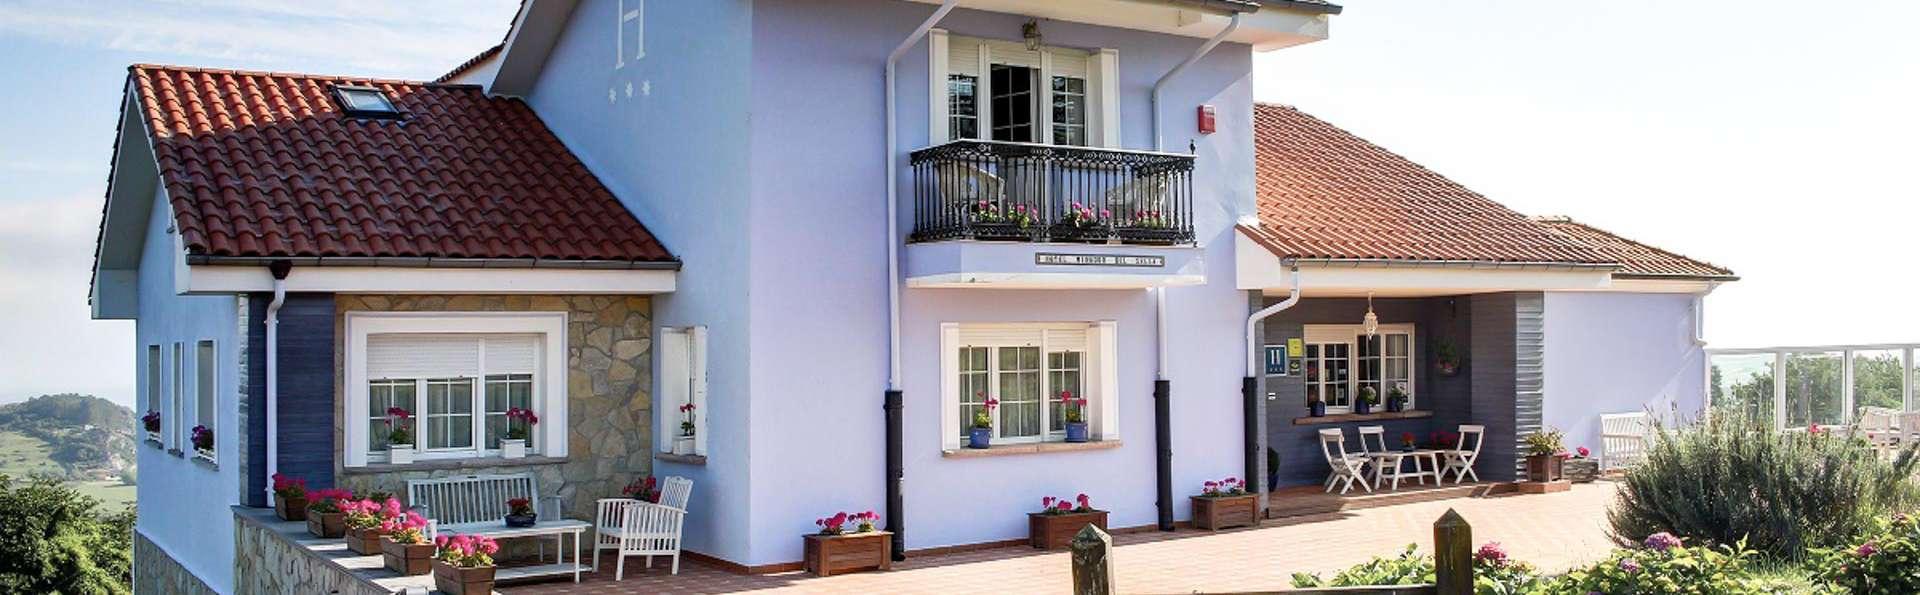 Hotel Mirador del Sella - EDIT_FRONT_02.jpg